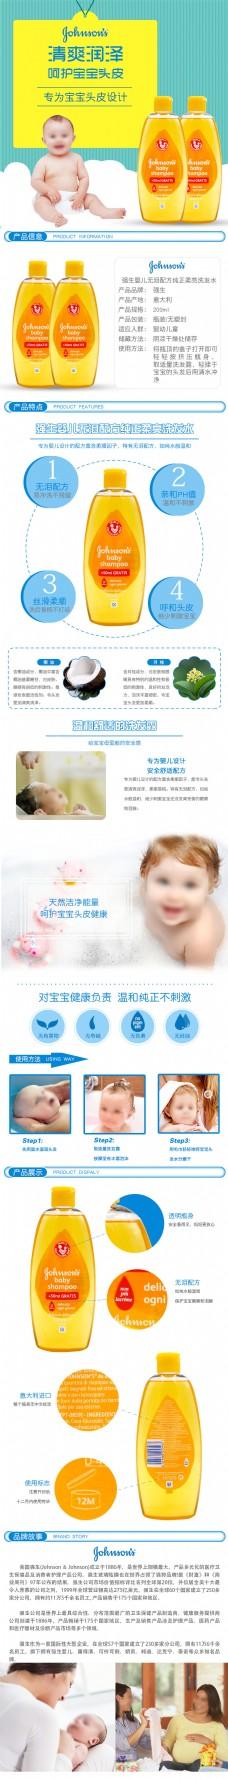 强生婴儿无泪配方洗发水psd格式下载淘宝电商详情页